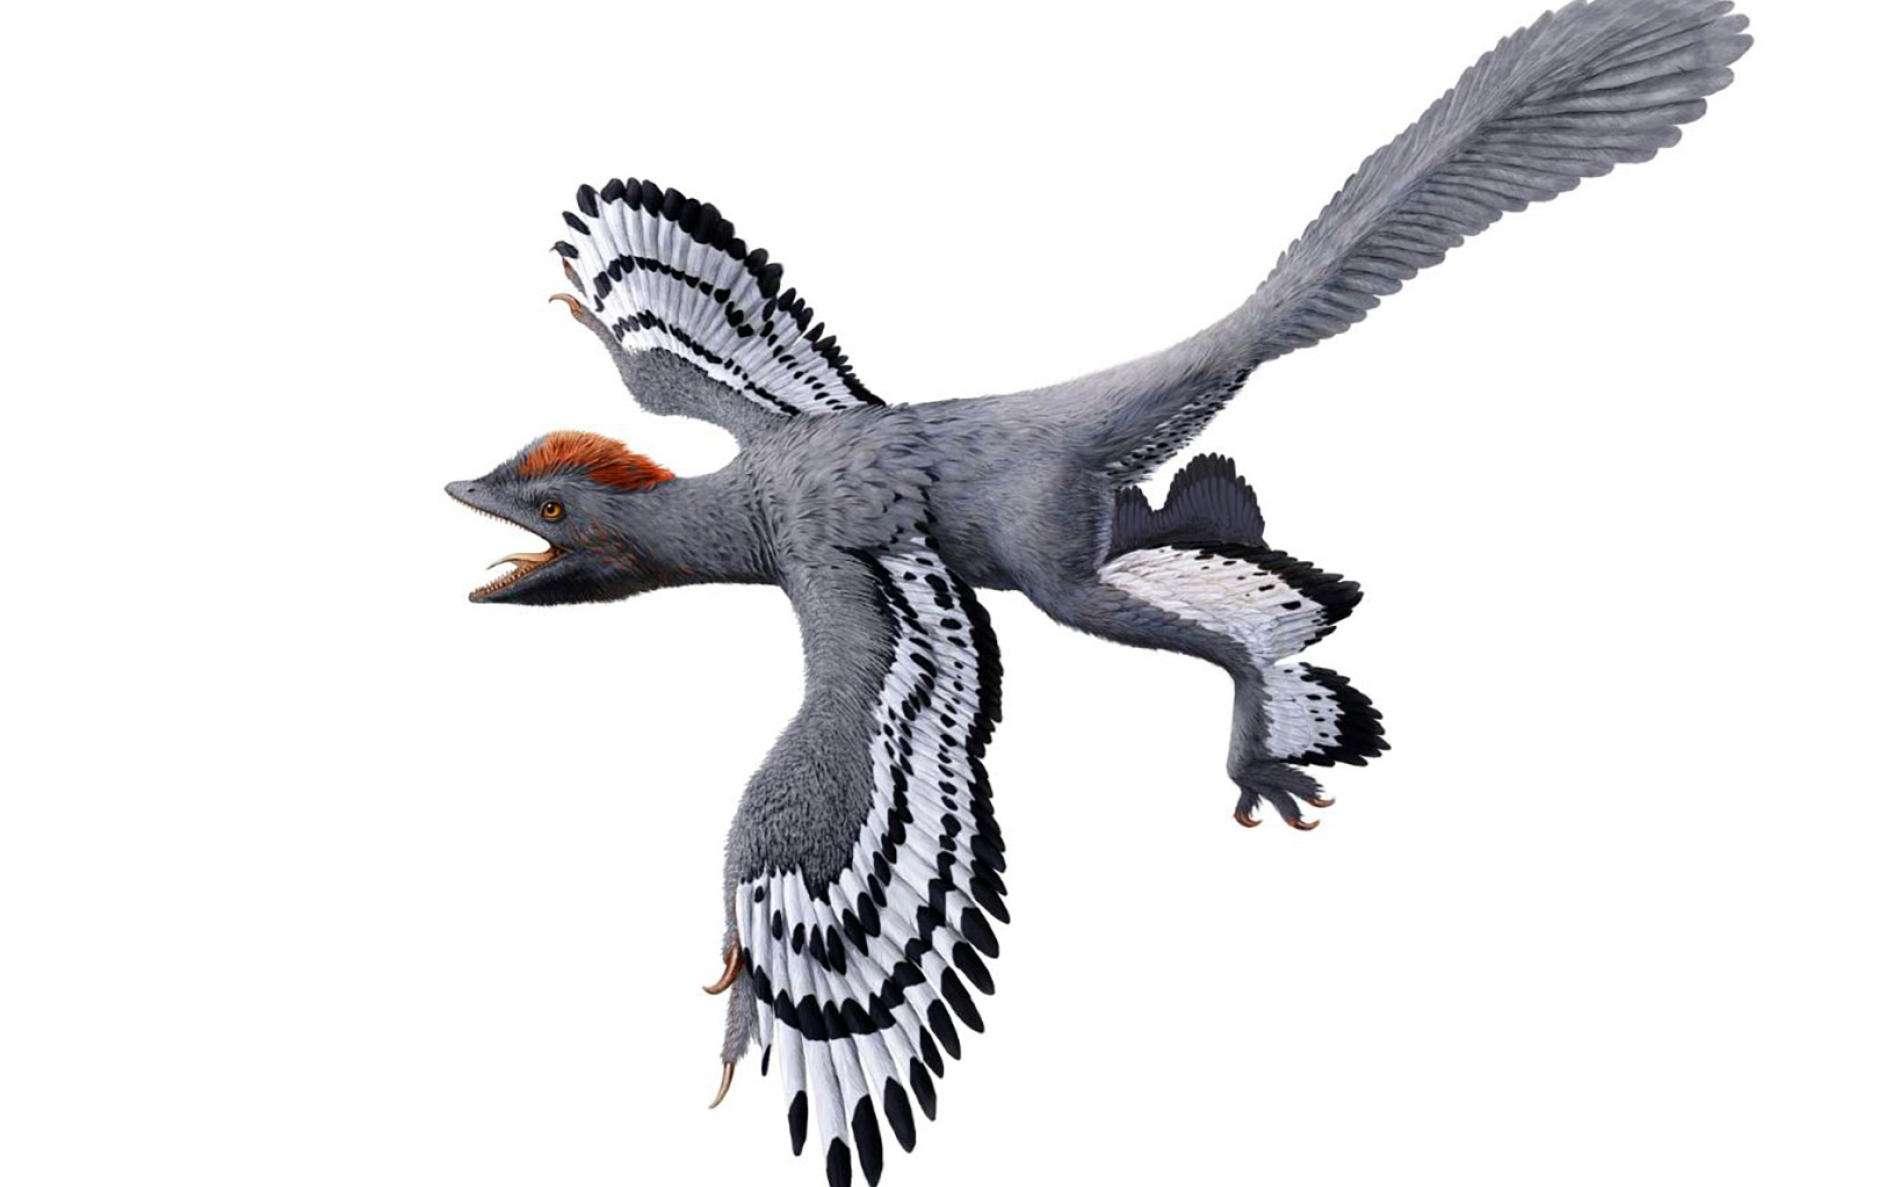 Une représentation probablement fidèle d'Anchiornis, un dinosaure à plume du Jurassique. © Julius T. Csotonyi